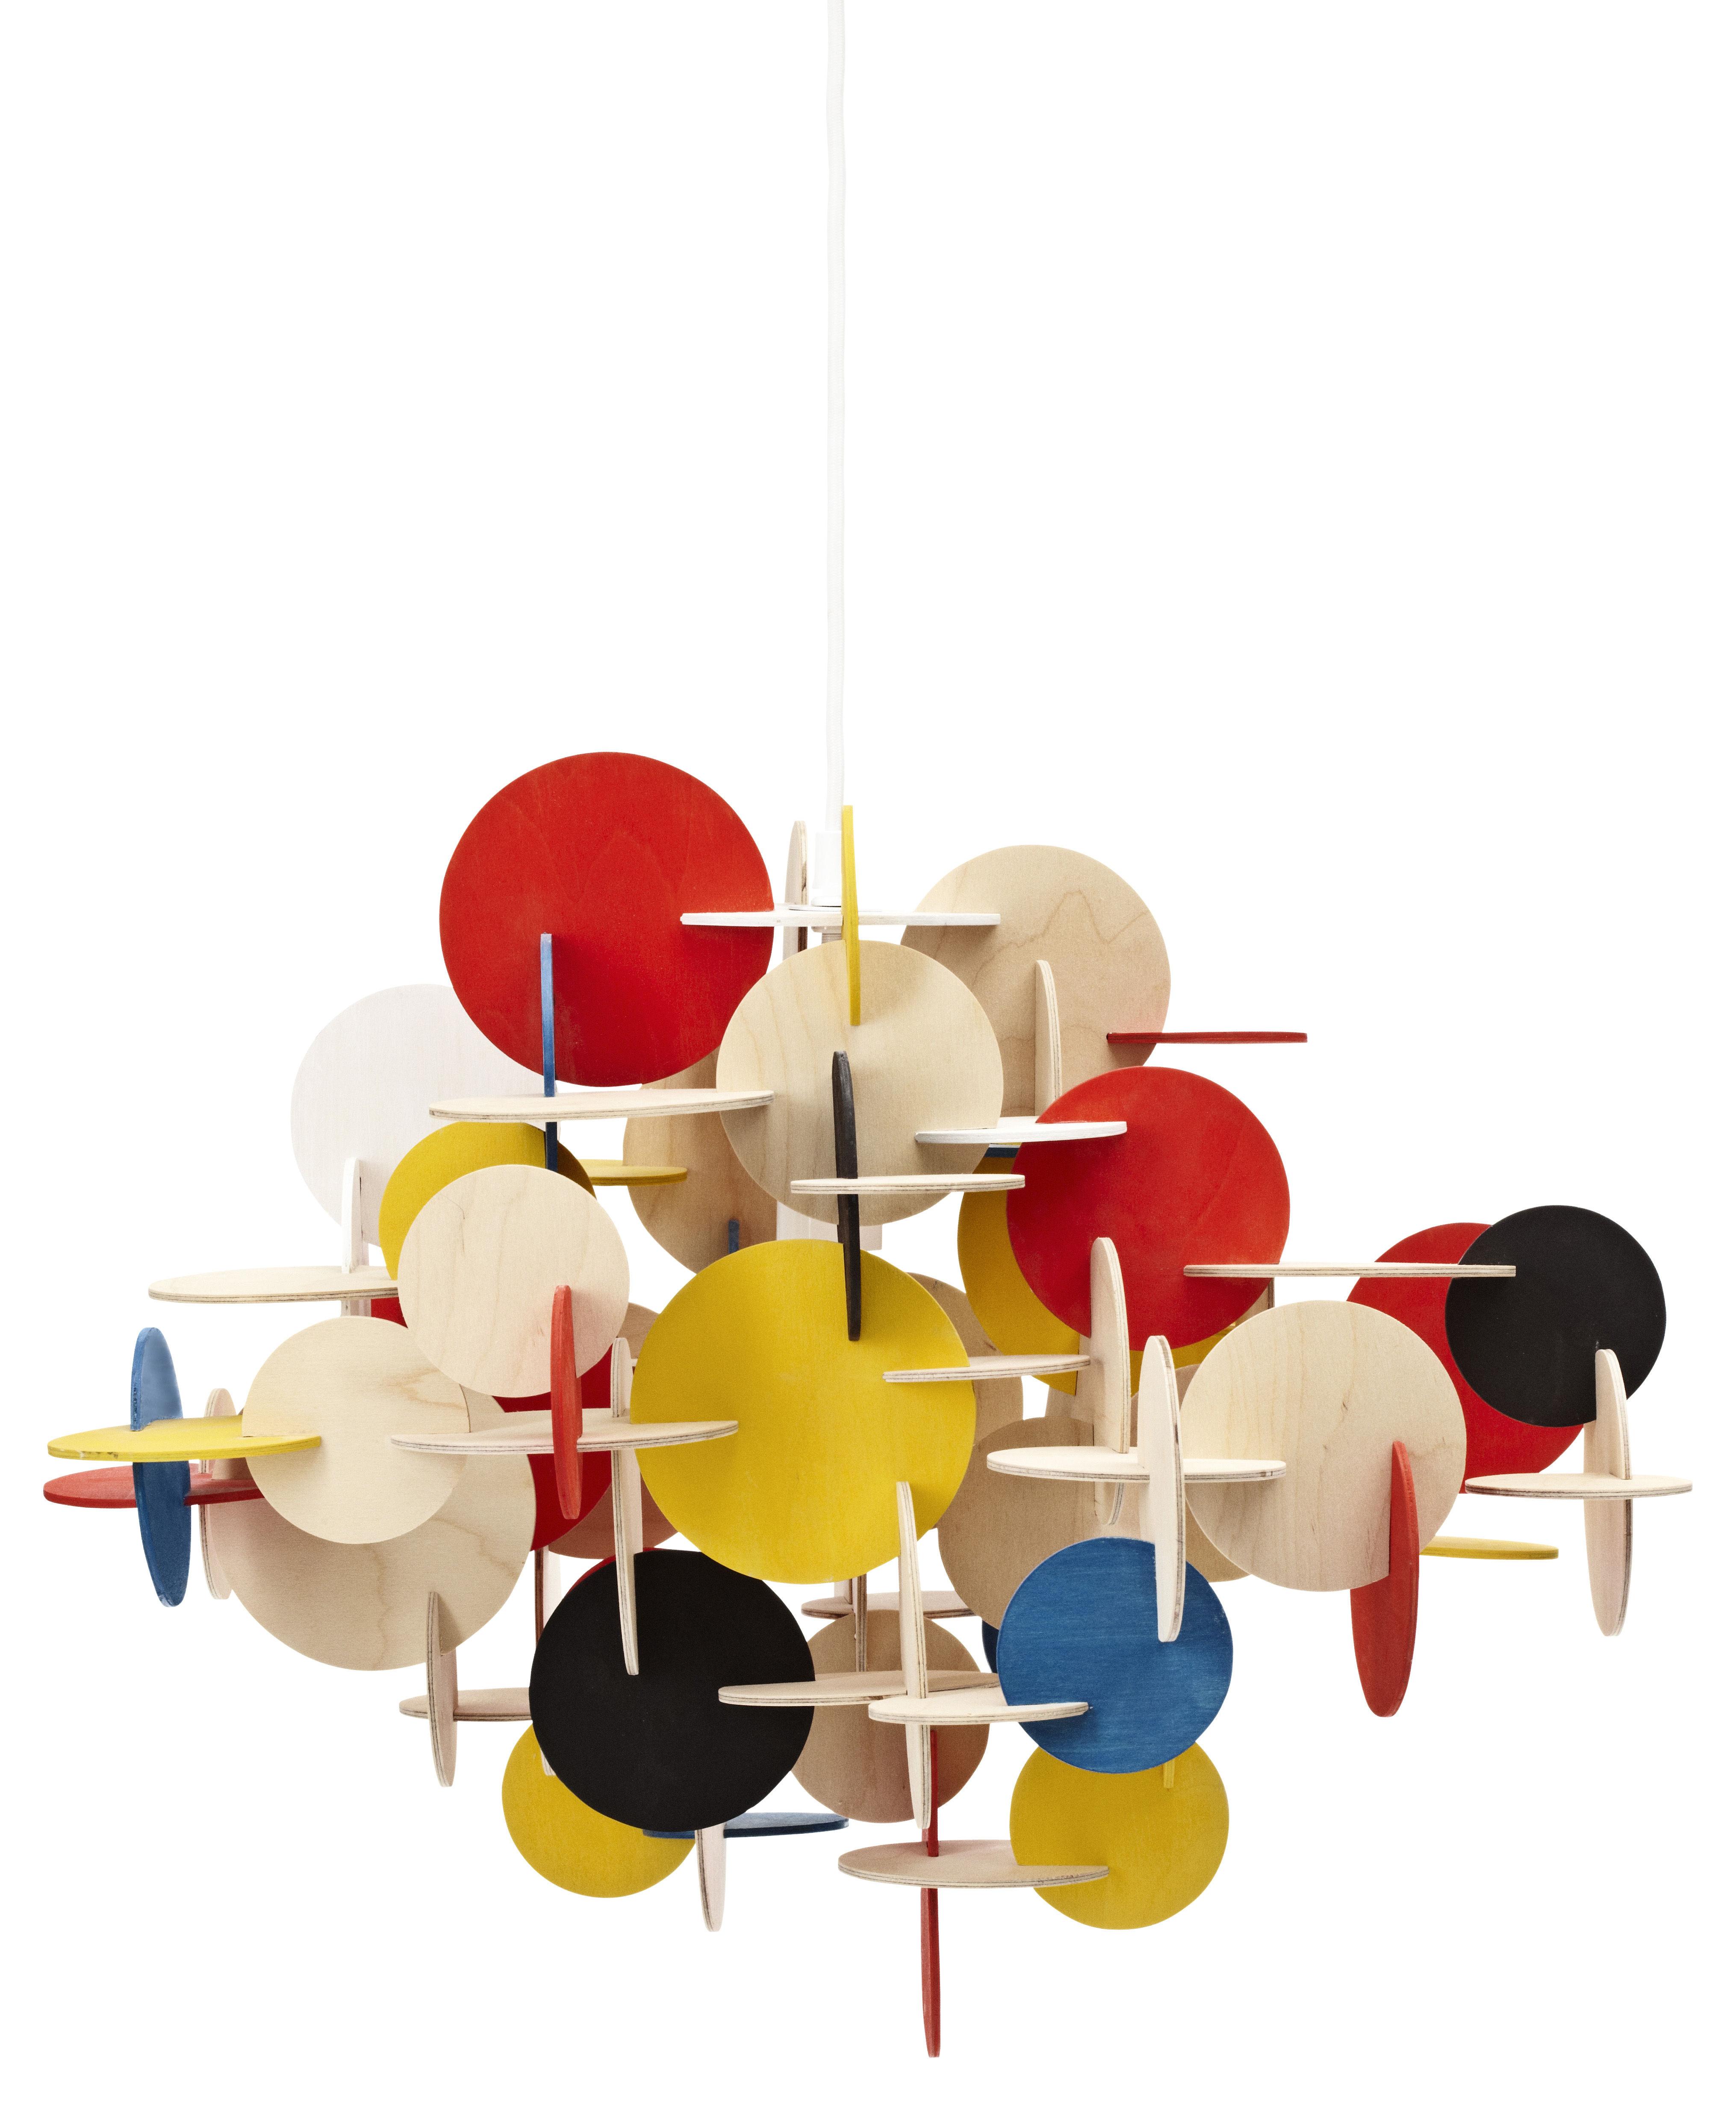 Illuminazione - Lampadari - Sospensione Bau Small - Small di Normann Copenhagen - H 44 cm - Giallo, rosso, nero, blu & pino naturale - Pino